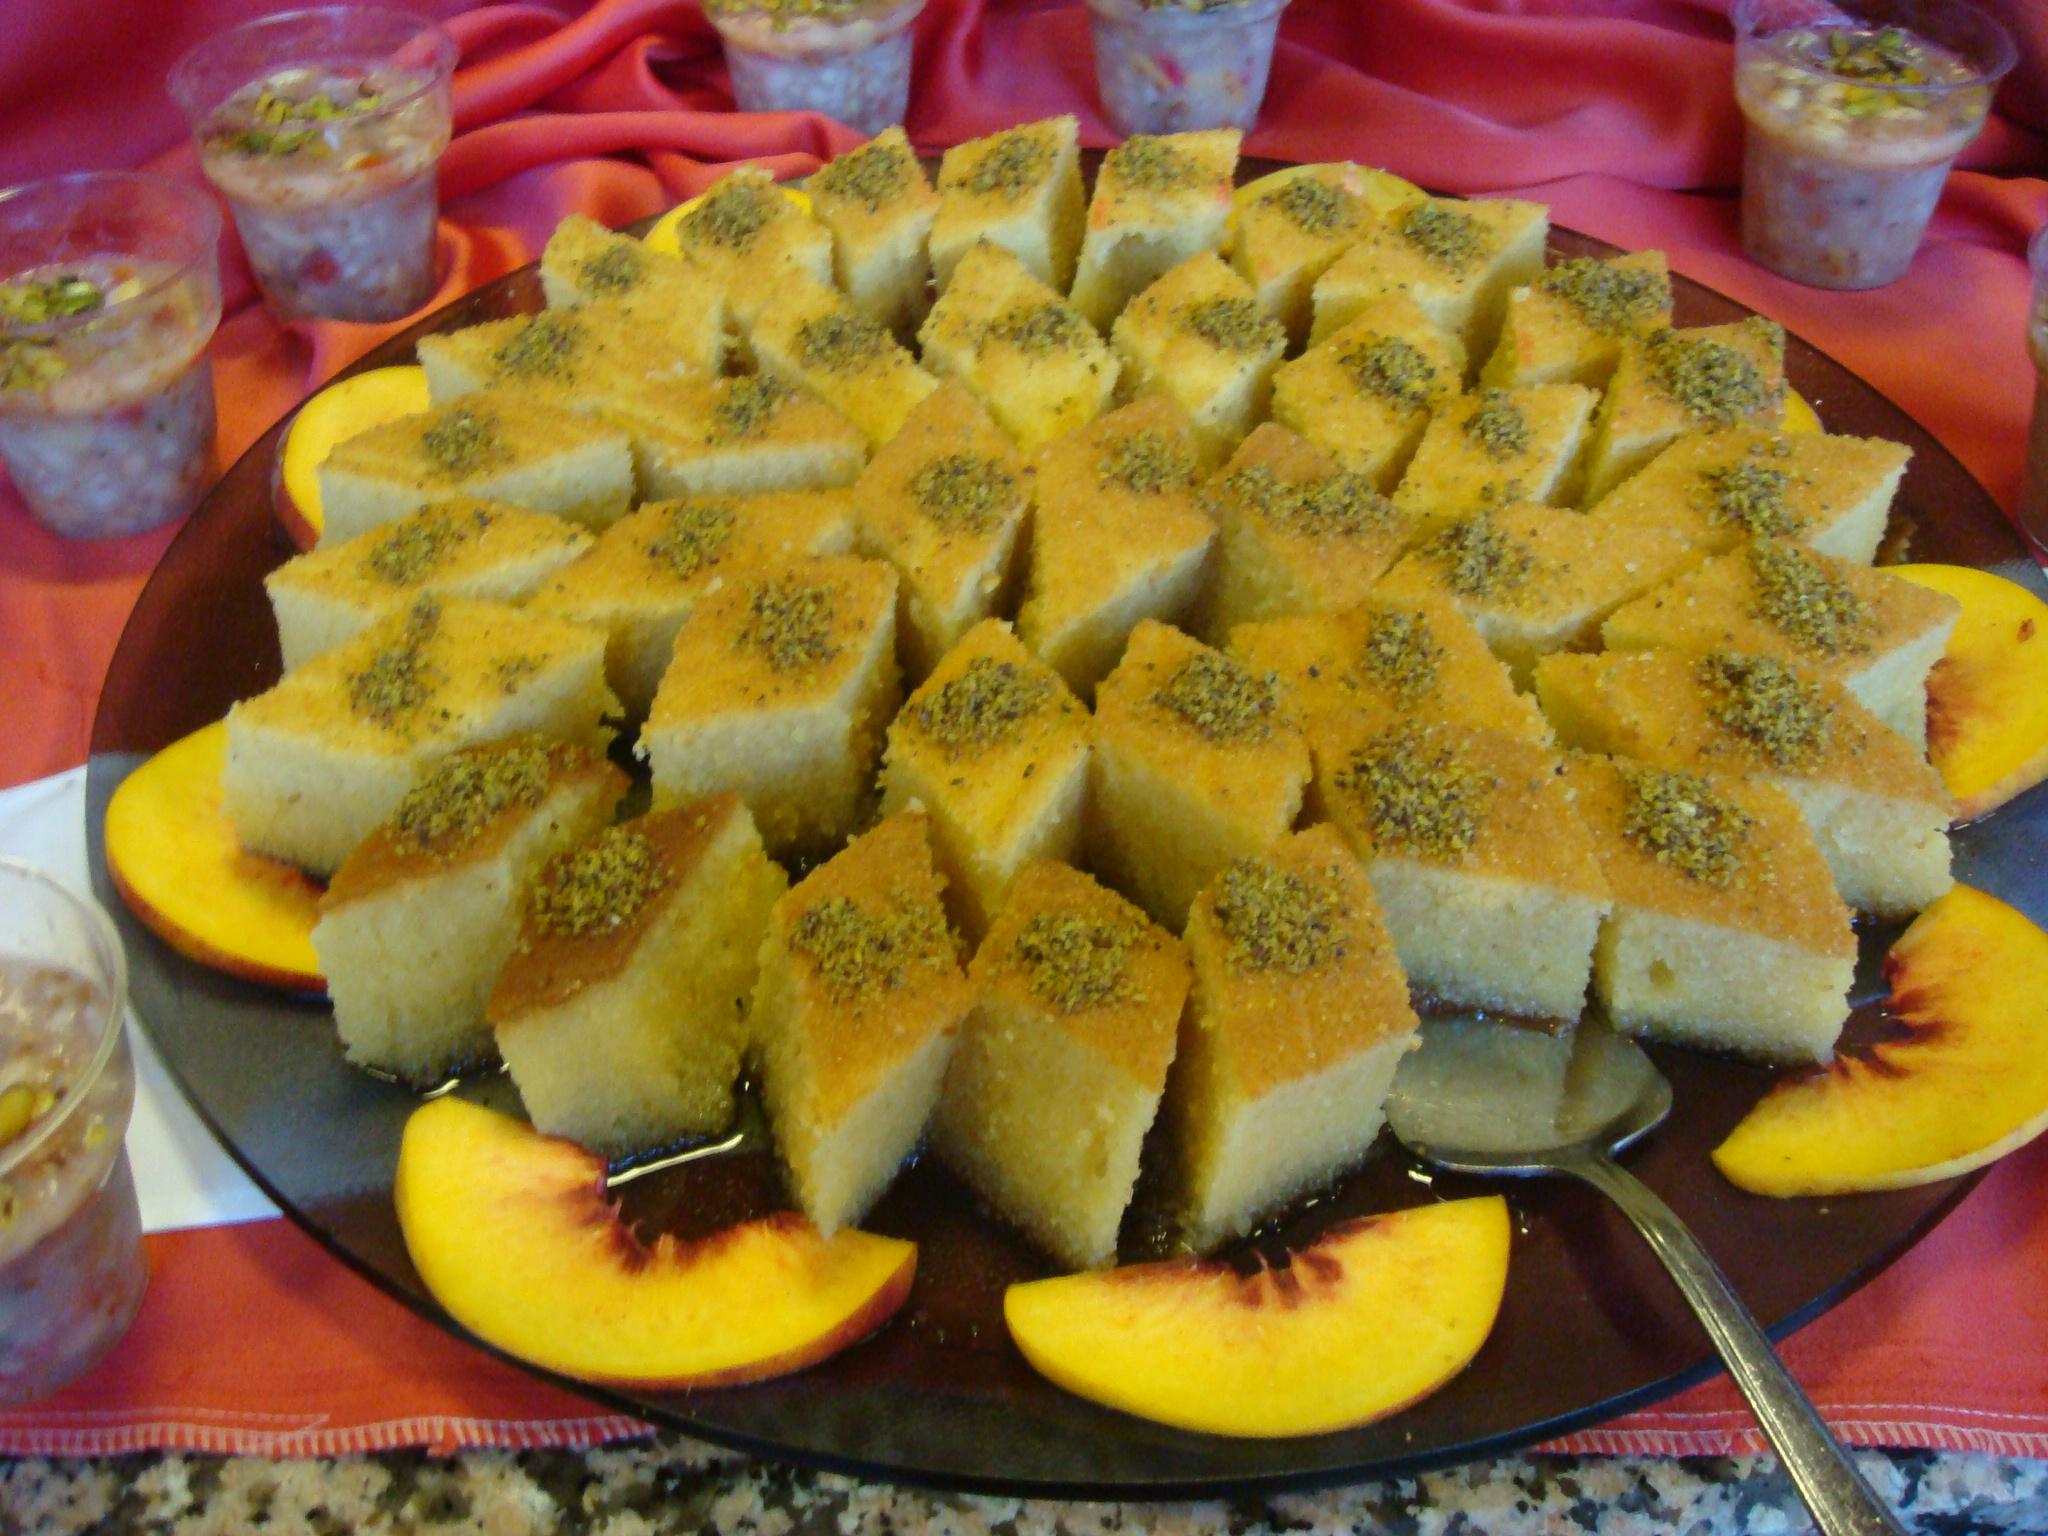 Sladosti - Турецкая кухня